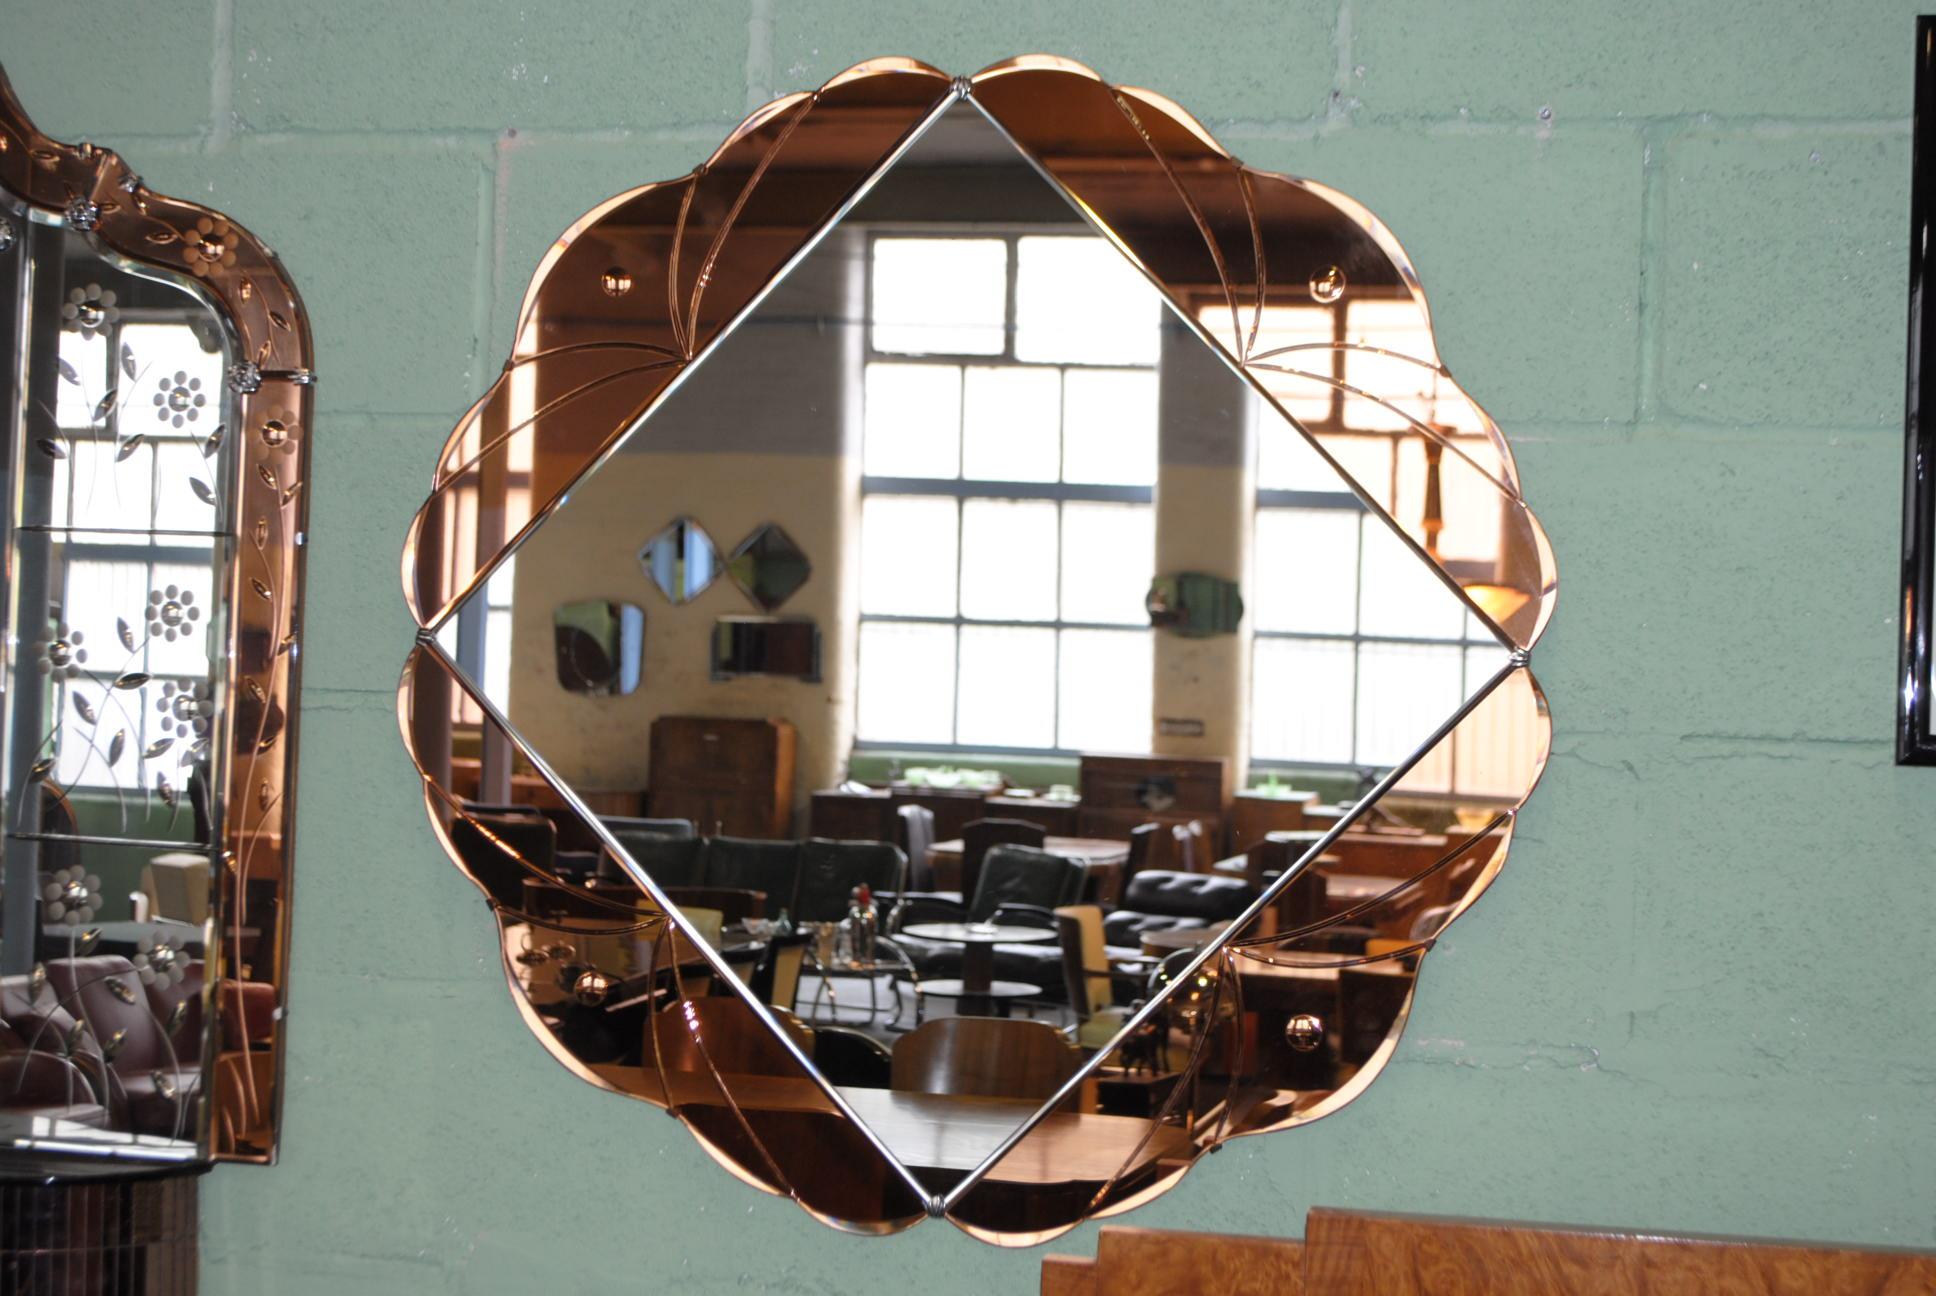 art deco sofas uk sofa cover material mirror    cloud 9, furniture sales